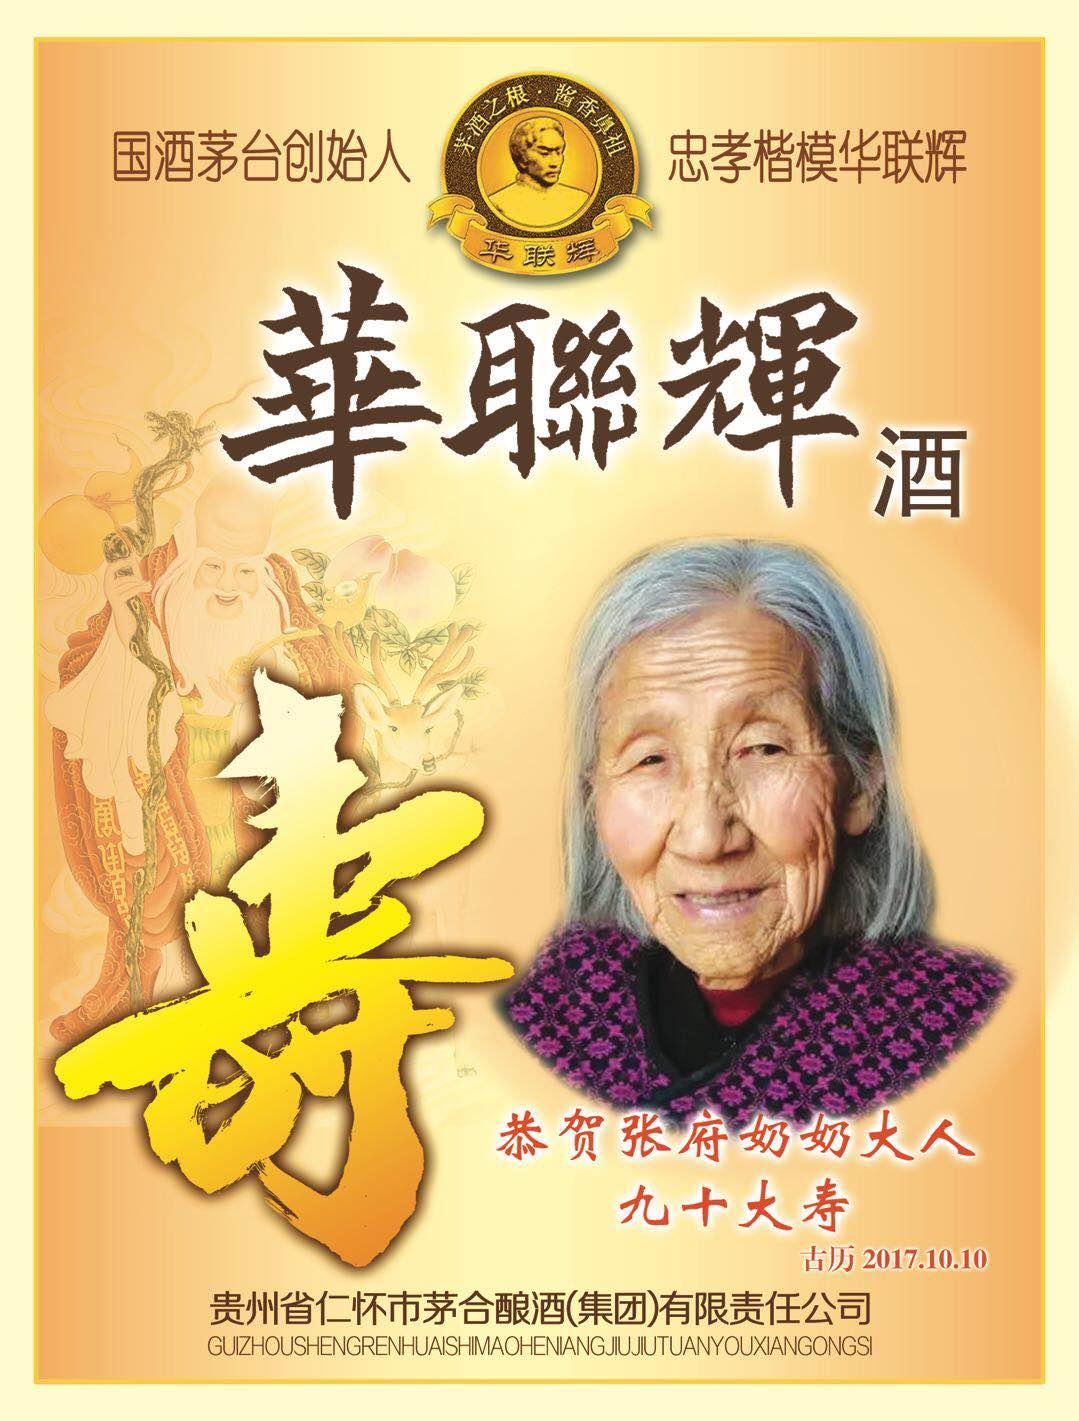 庆奶奶九十岁大寿 收获亲情和友谊